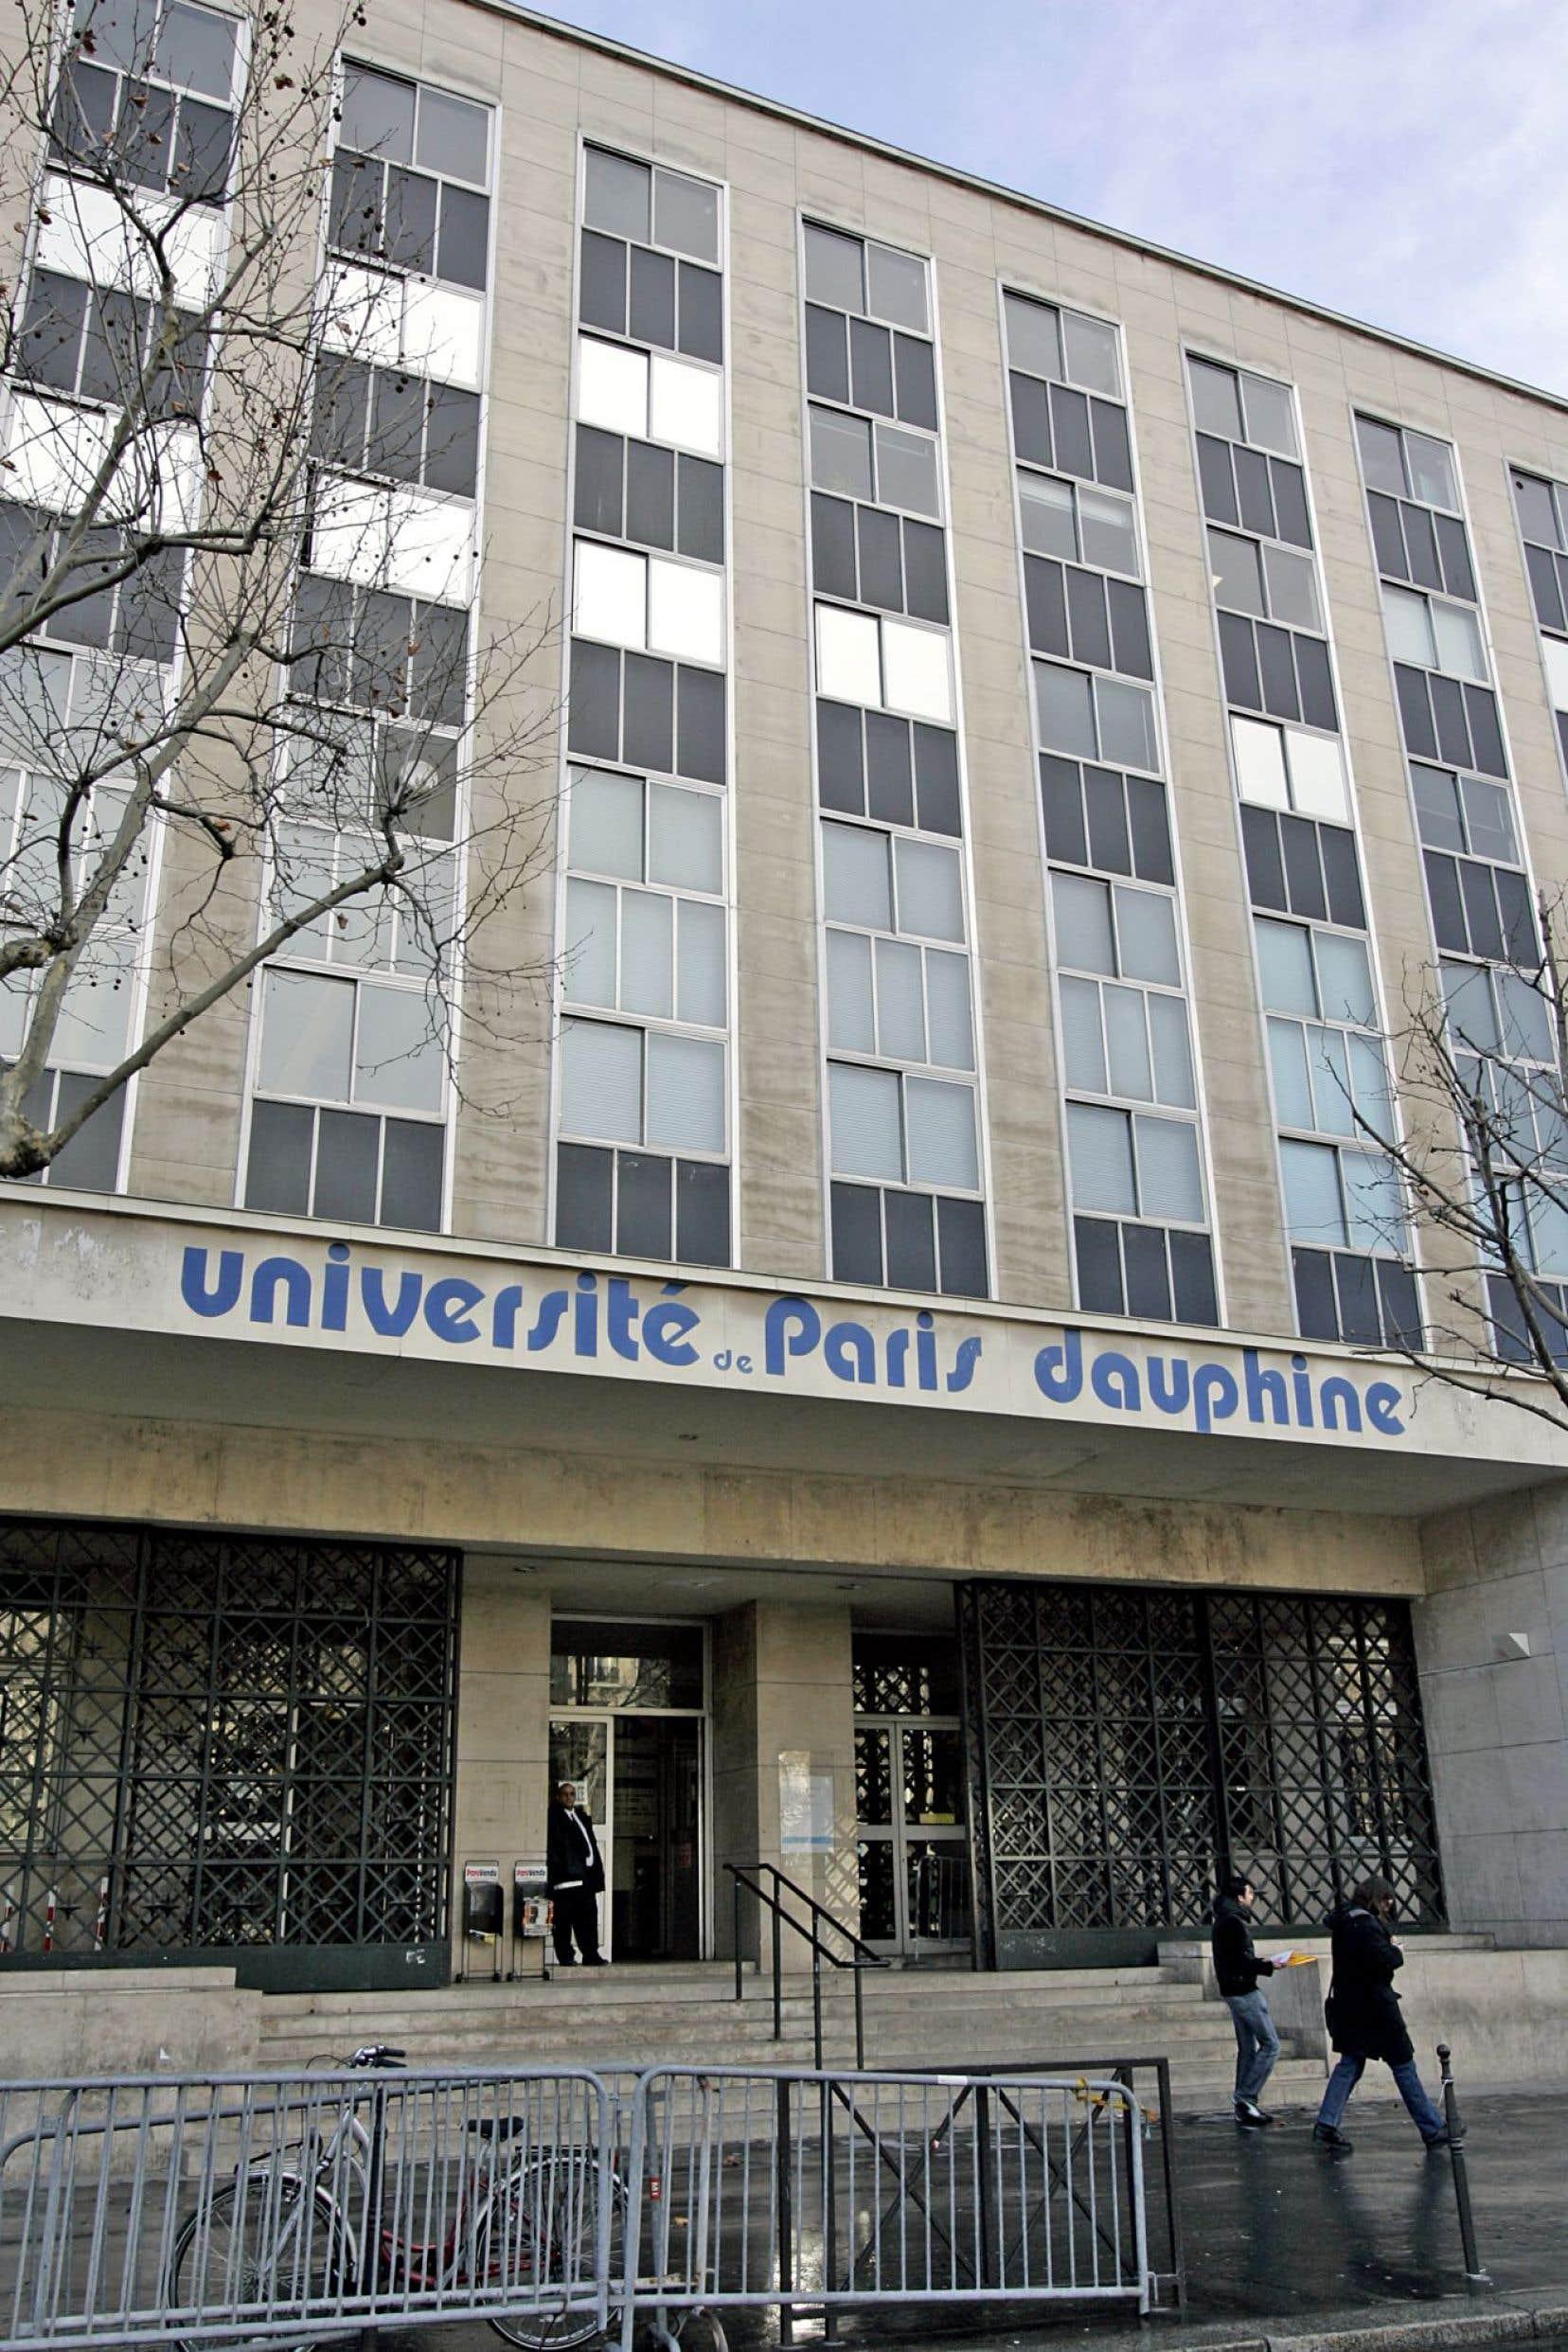 L'Université de Paris Dauphine, en France, fait partie des universités où le programme est donné.